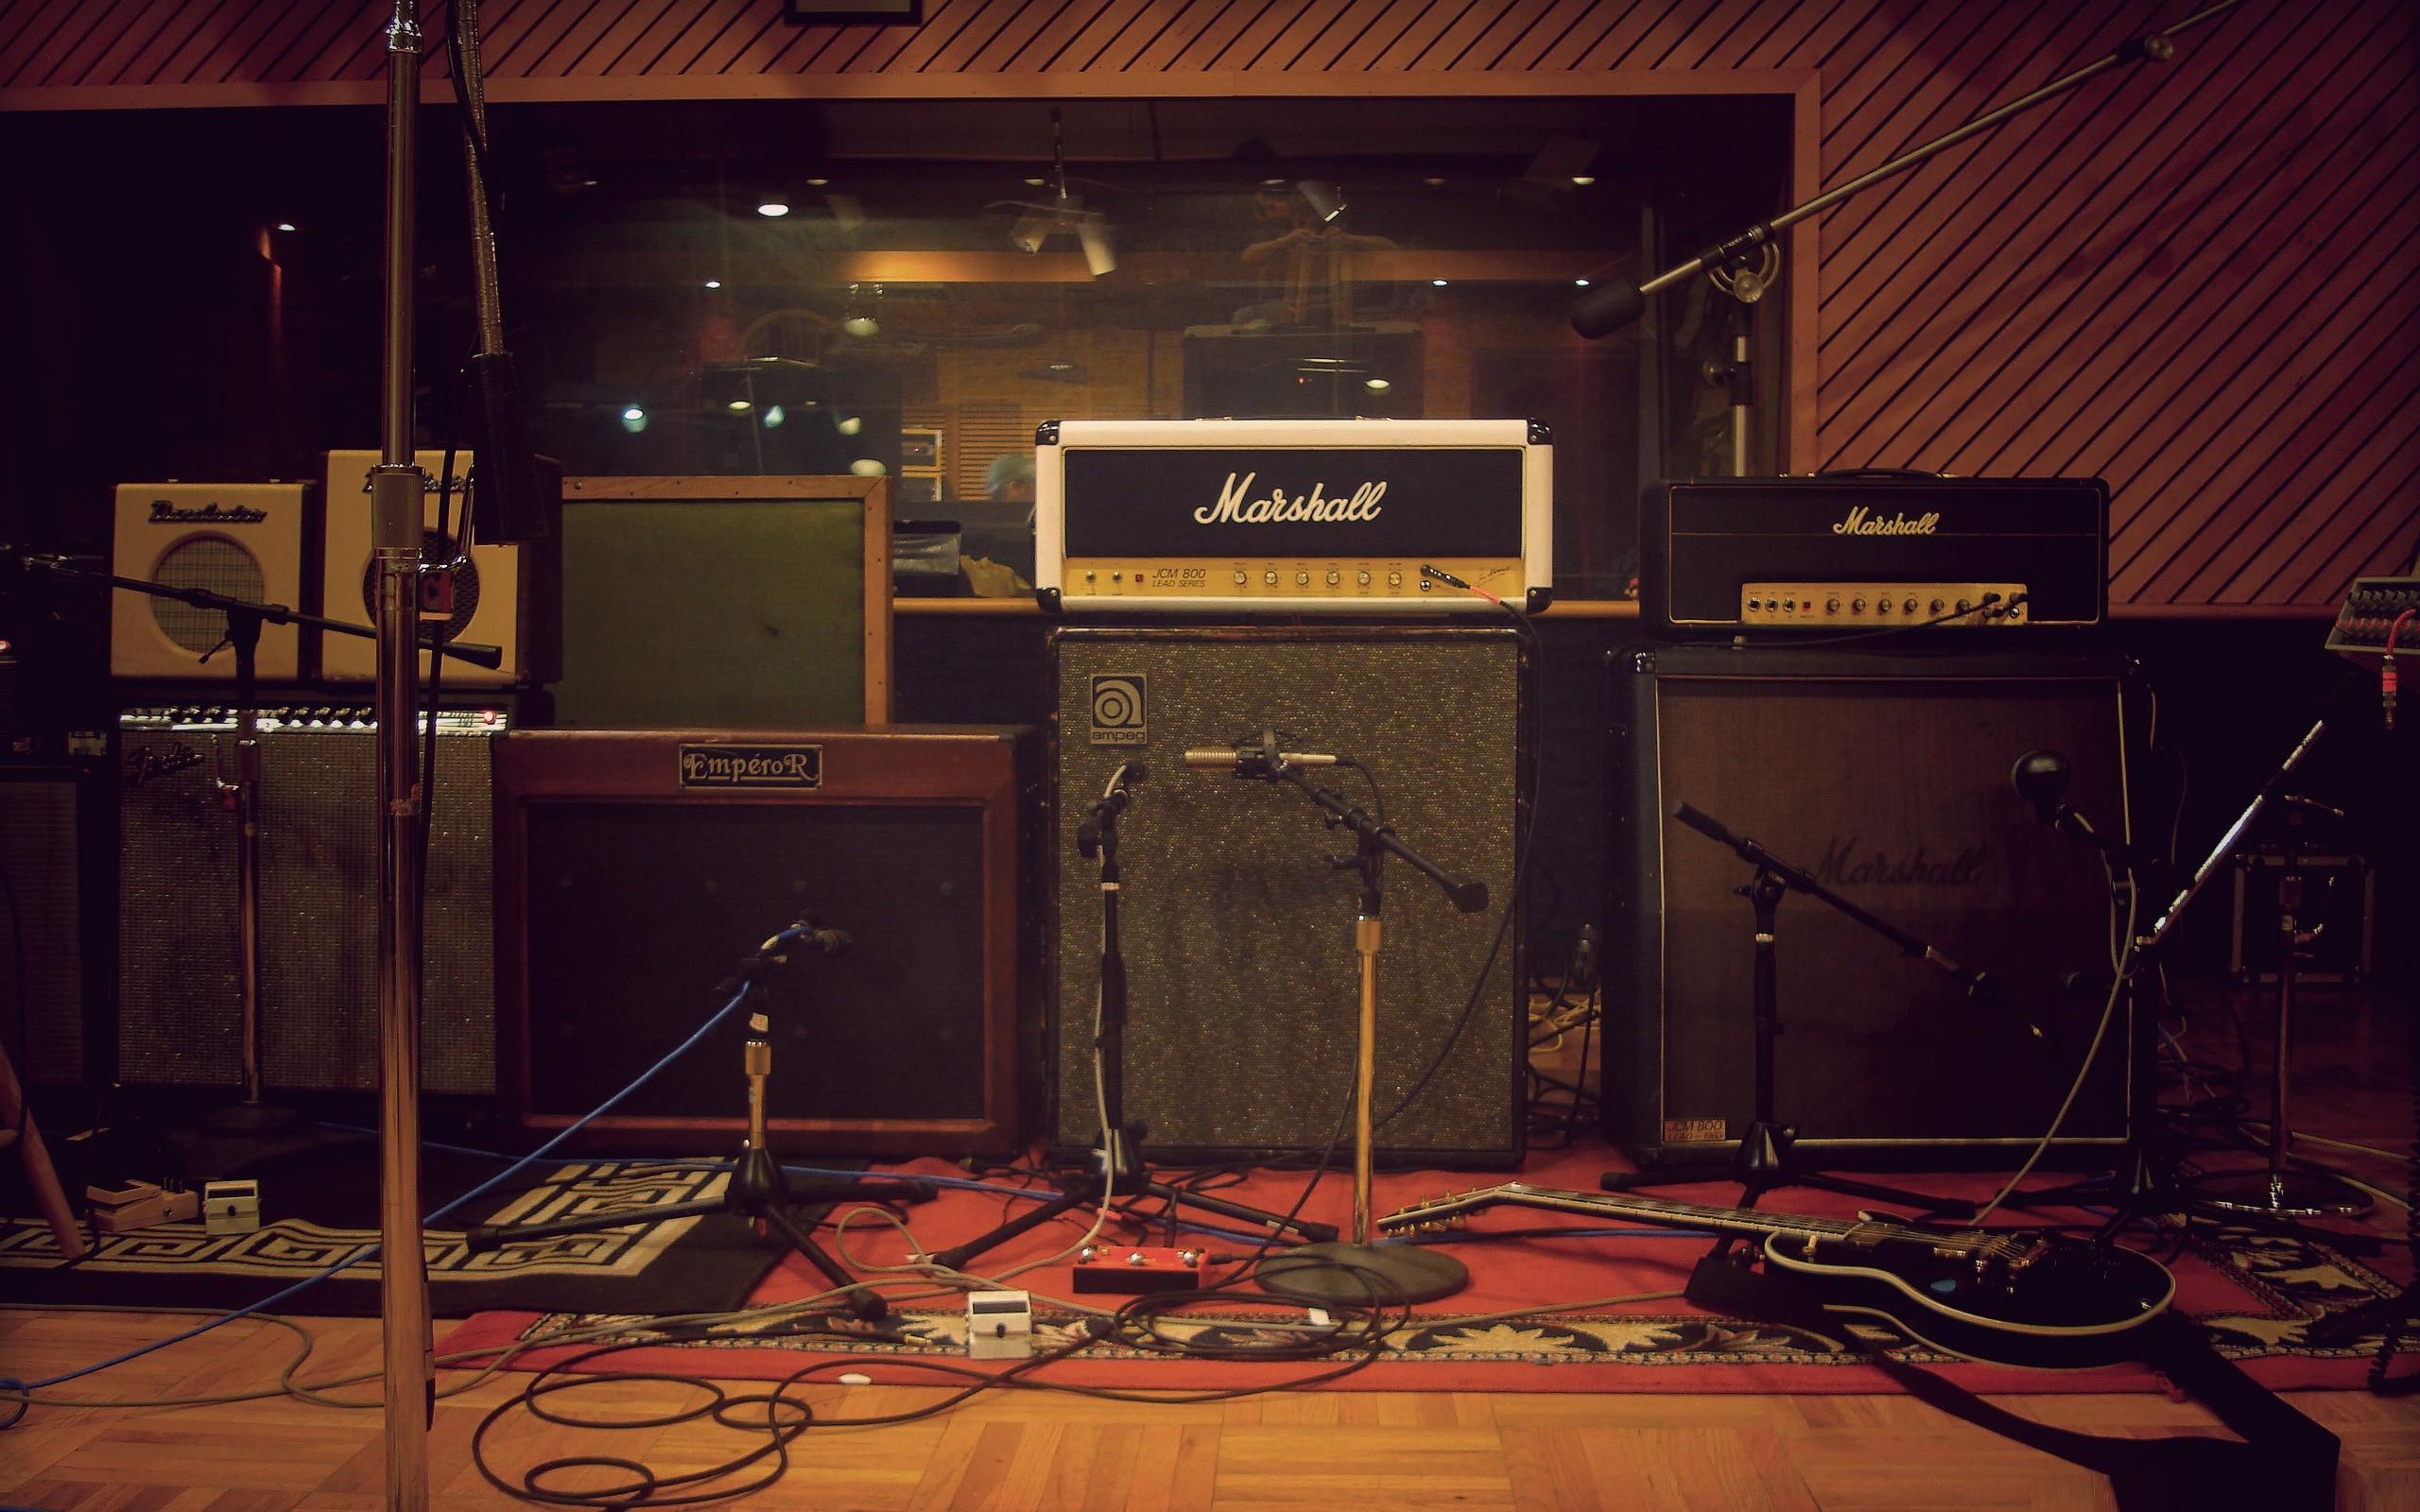 marshall speakers-music theme desktop wallpaper – wallpaper .